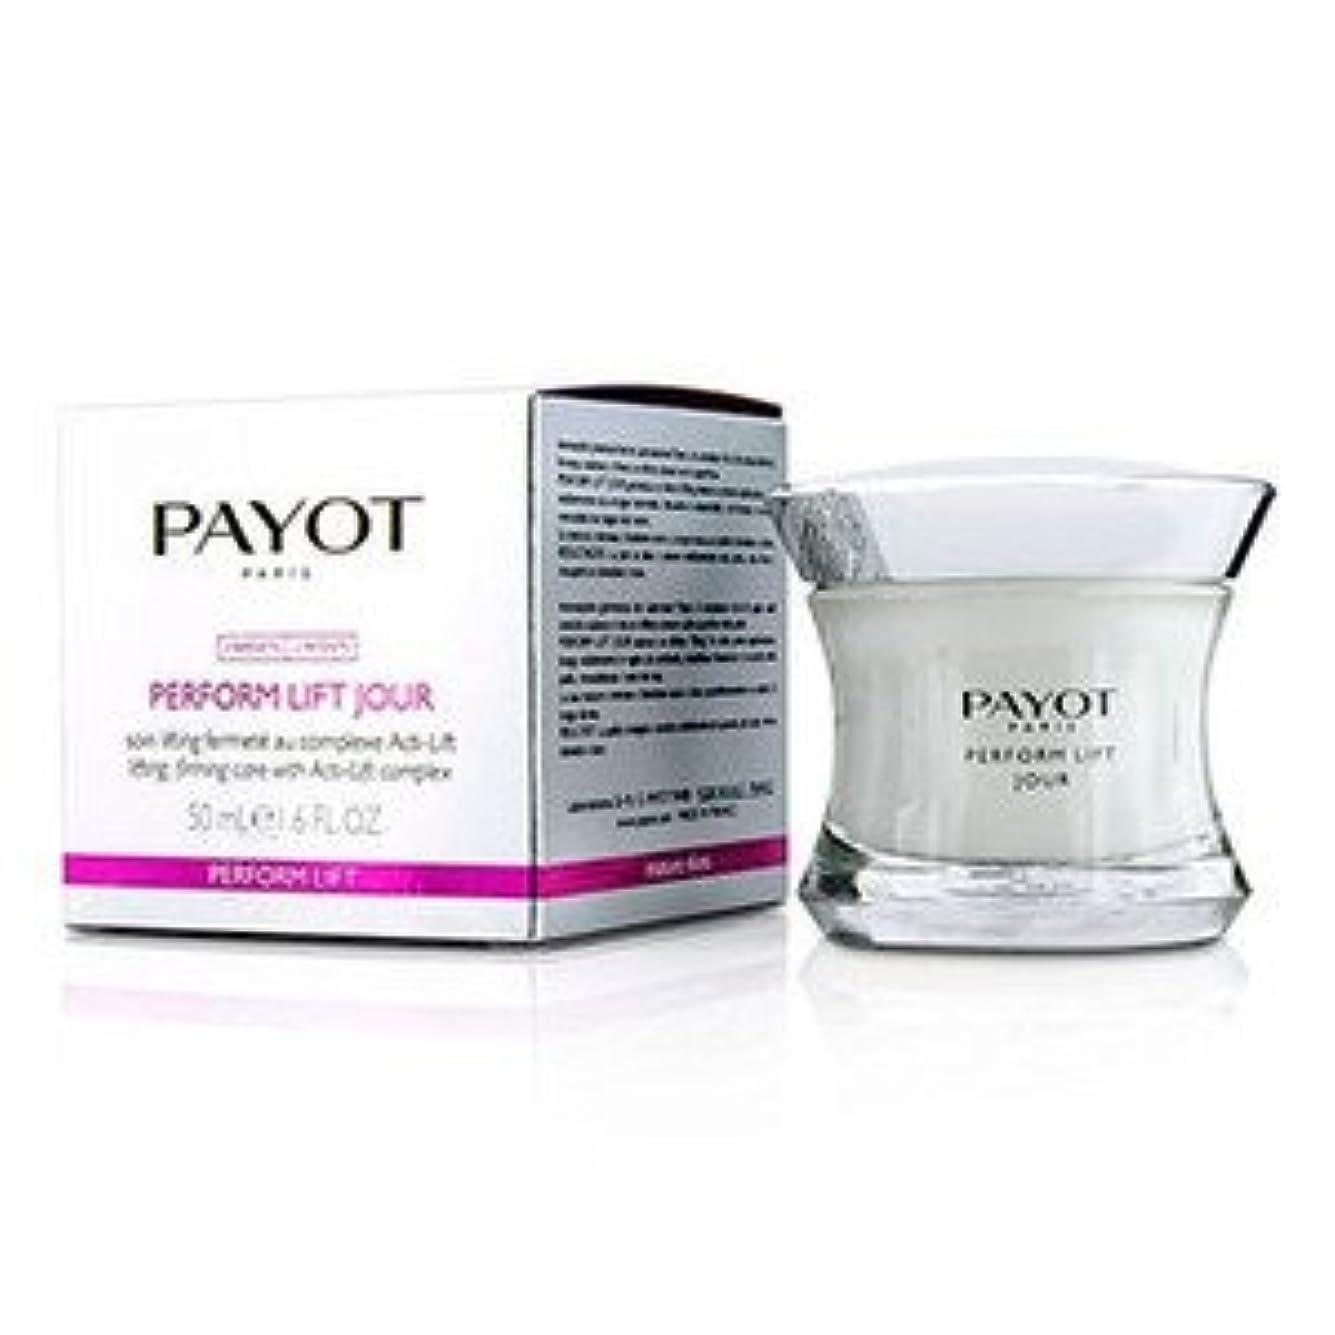 代わりに影響を受けやすいです繕うPayot パフォーム リフト ジュール For Mature Skin 50ml/1.6oz [並行輸入品]